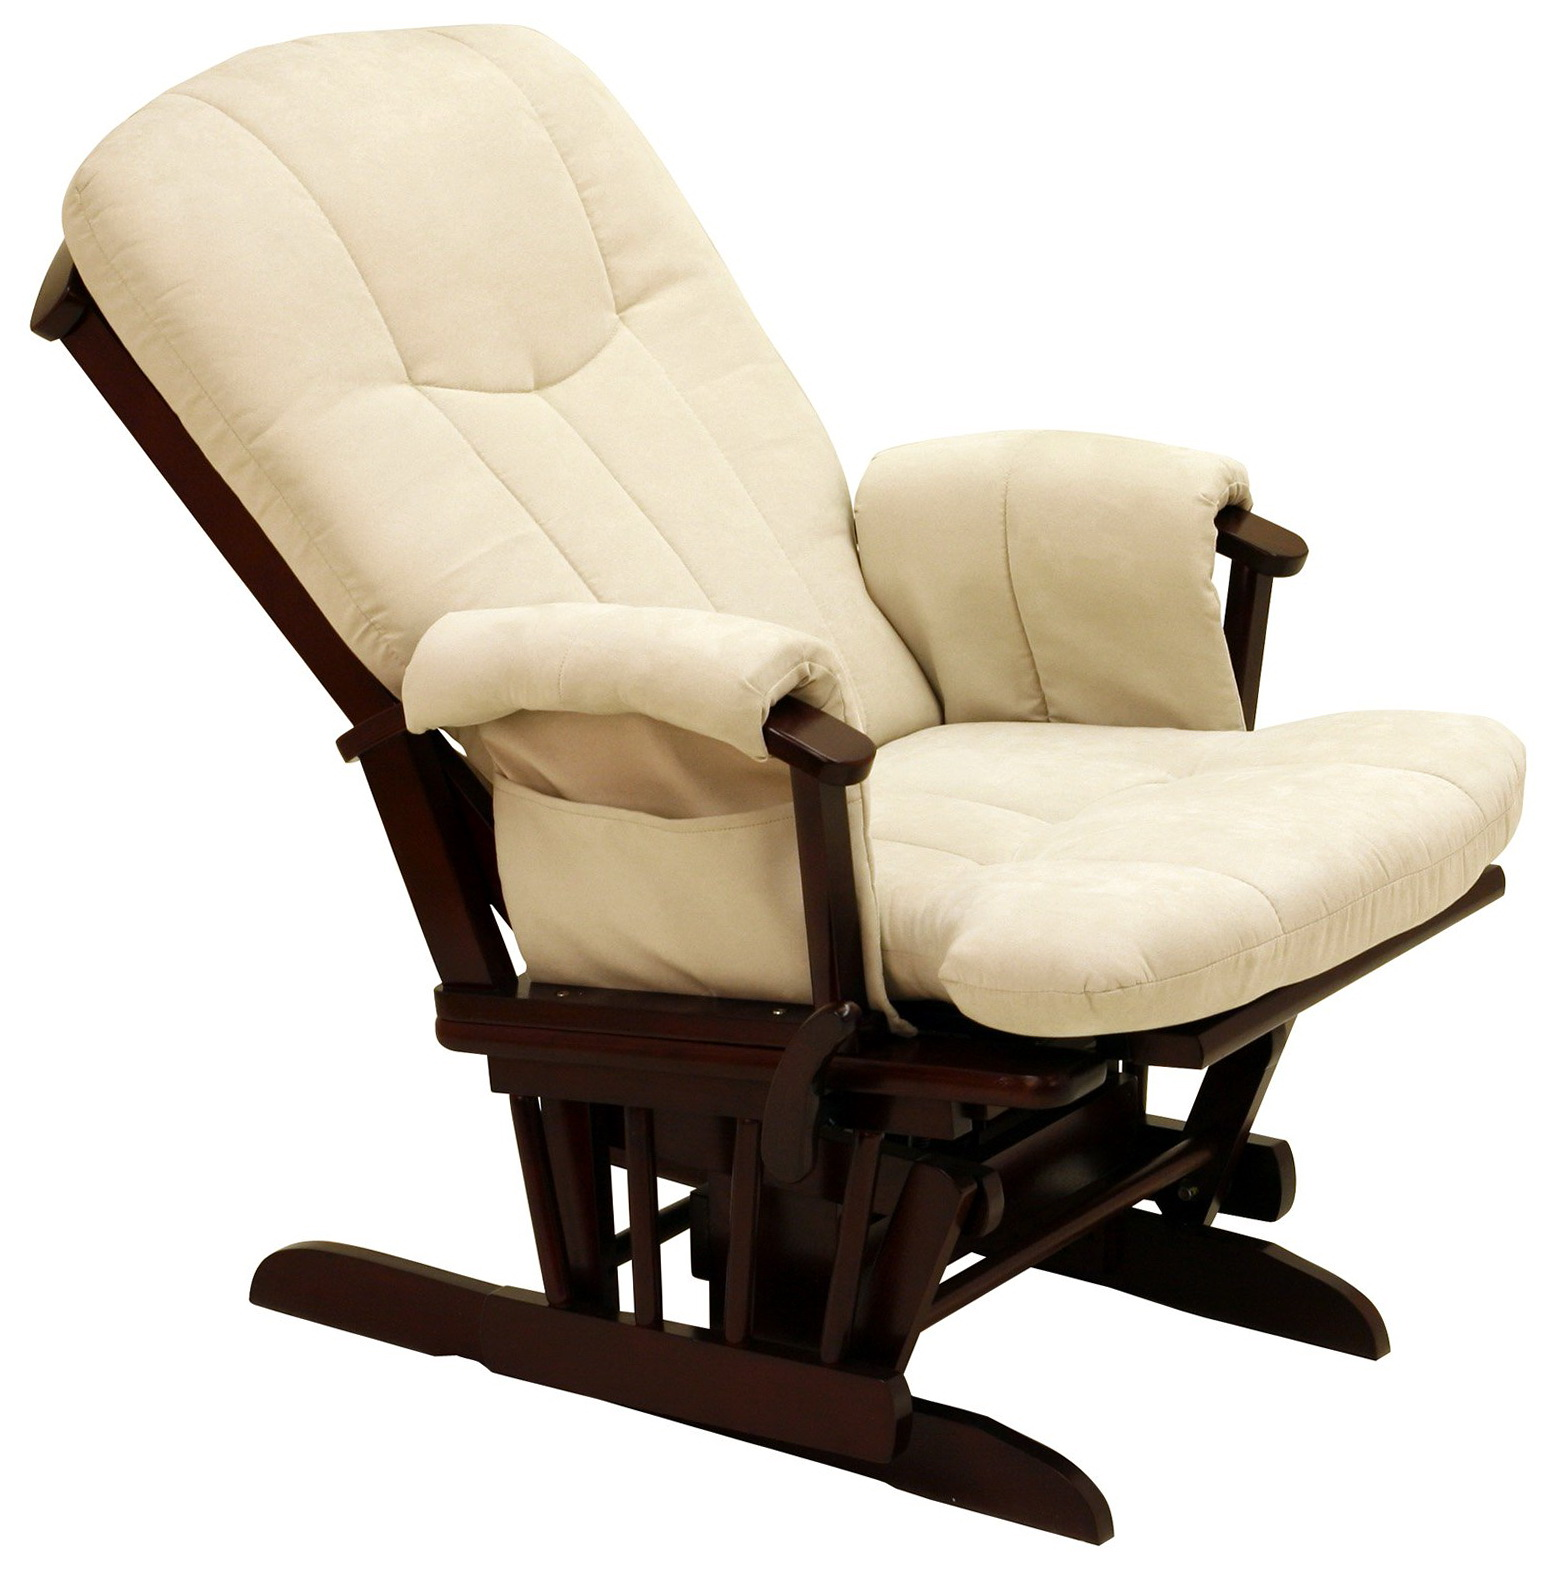 Glider Rocking Chair Cushions Canada Home Design Ideas